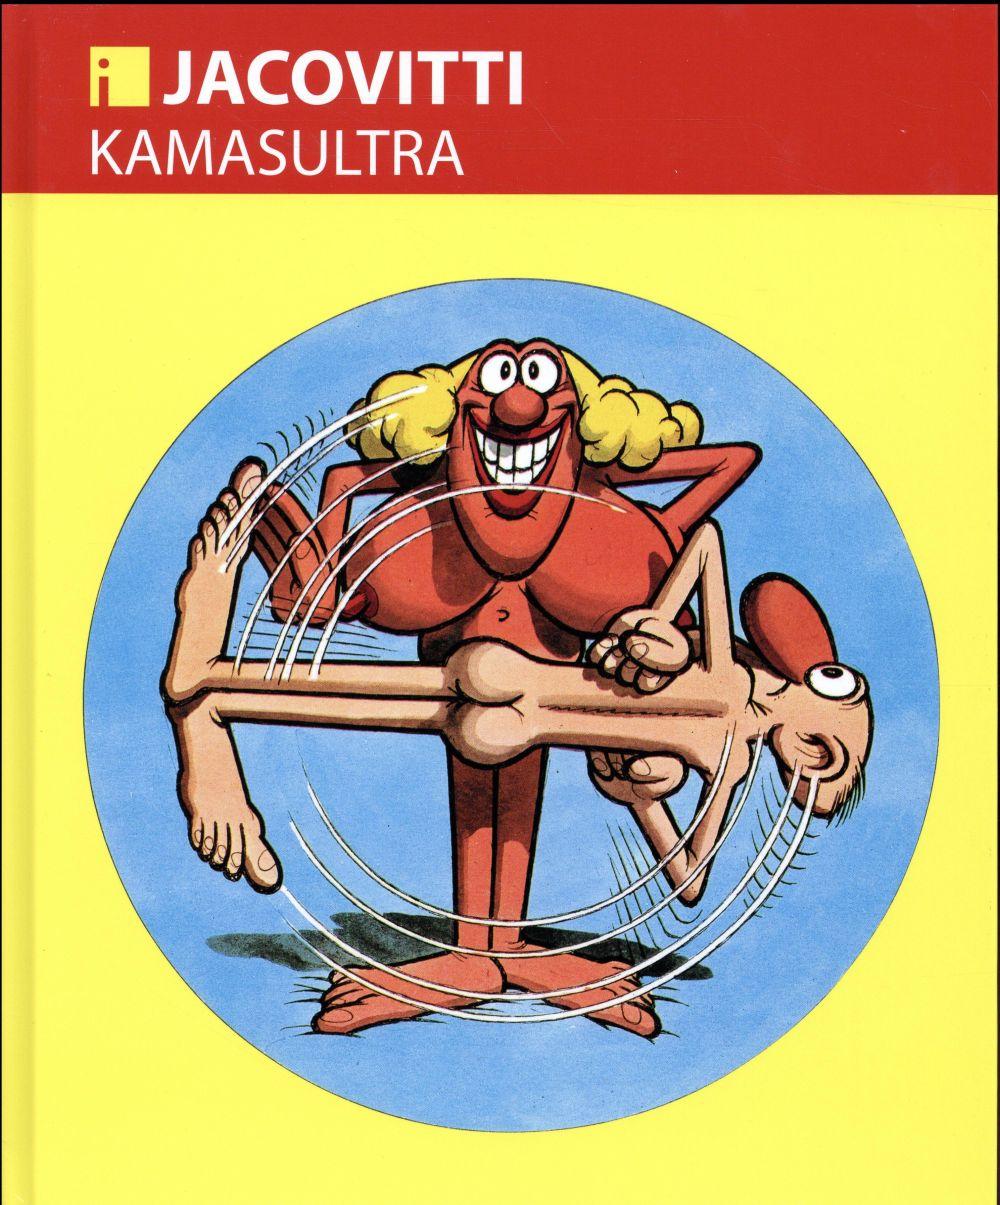 Kamasultra